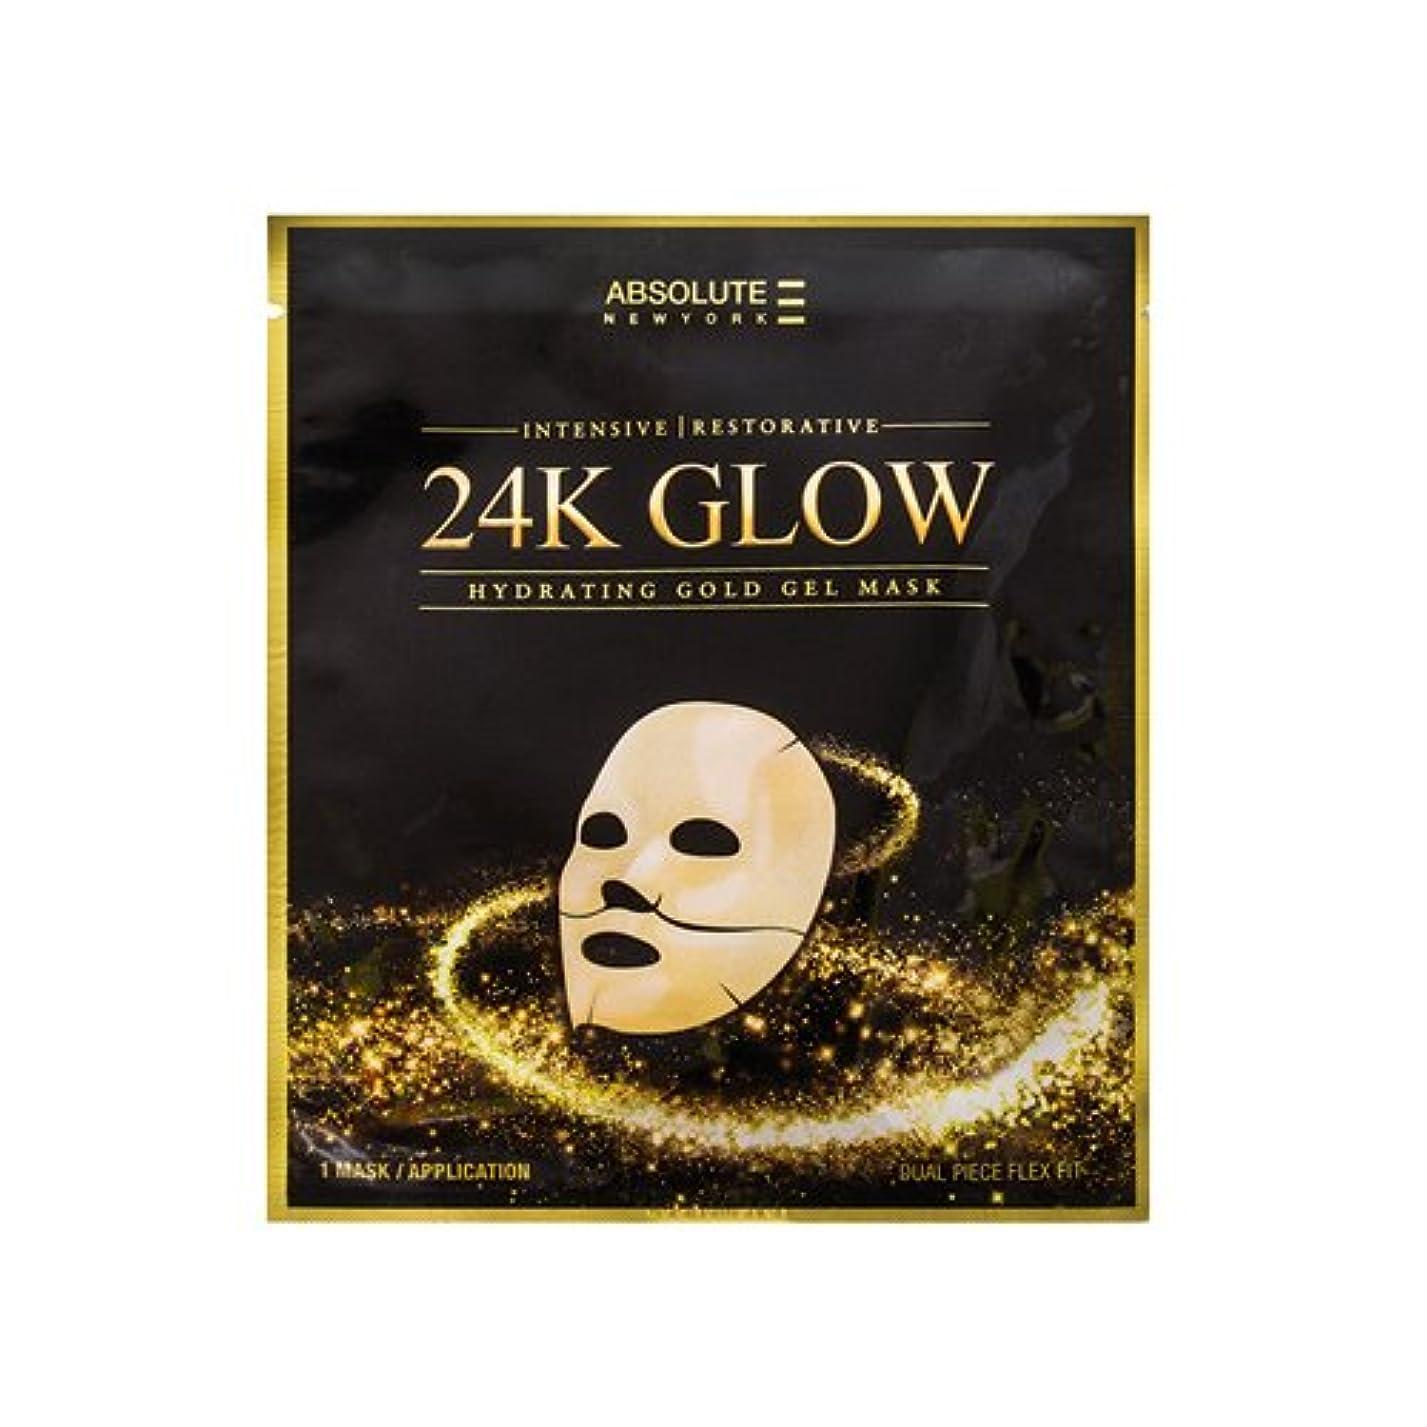 間脈拍パシフィック(3 Pack) Absolute 24K Glow Gold Gel Mask (並行輸入品)